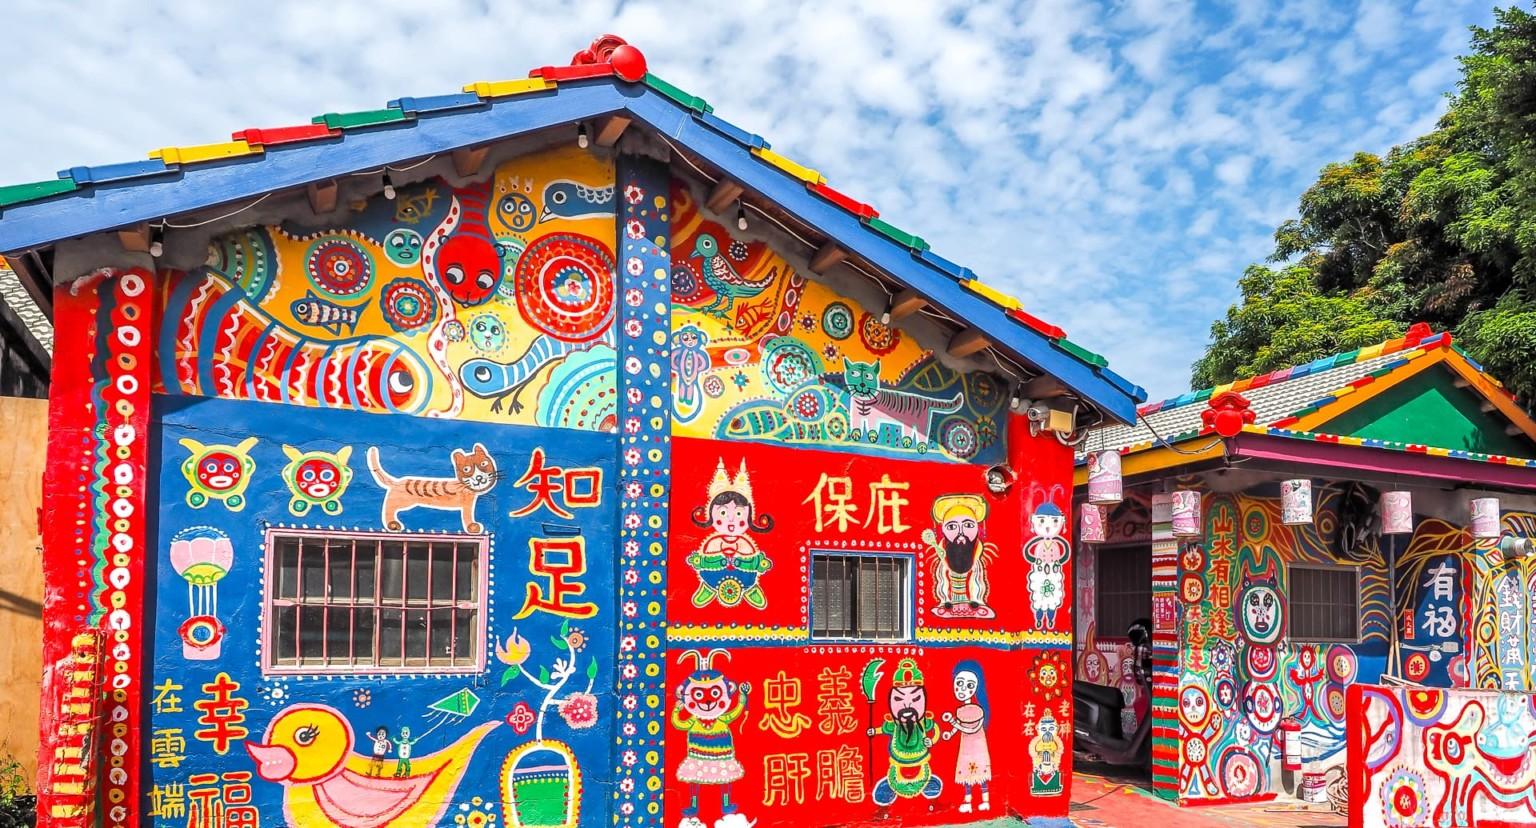 huang-yung-fu-4-768x414@2x